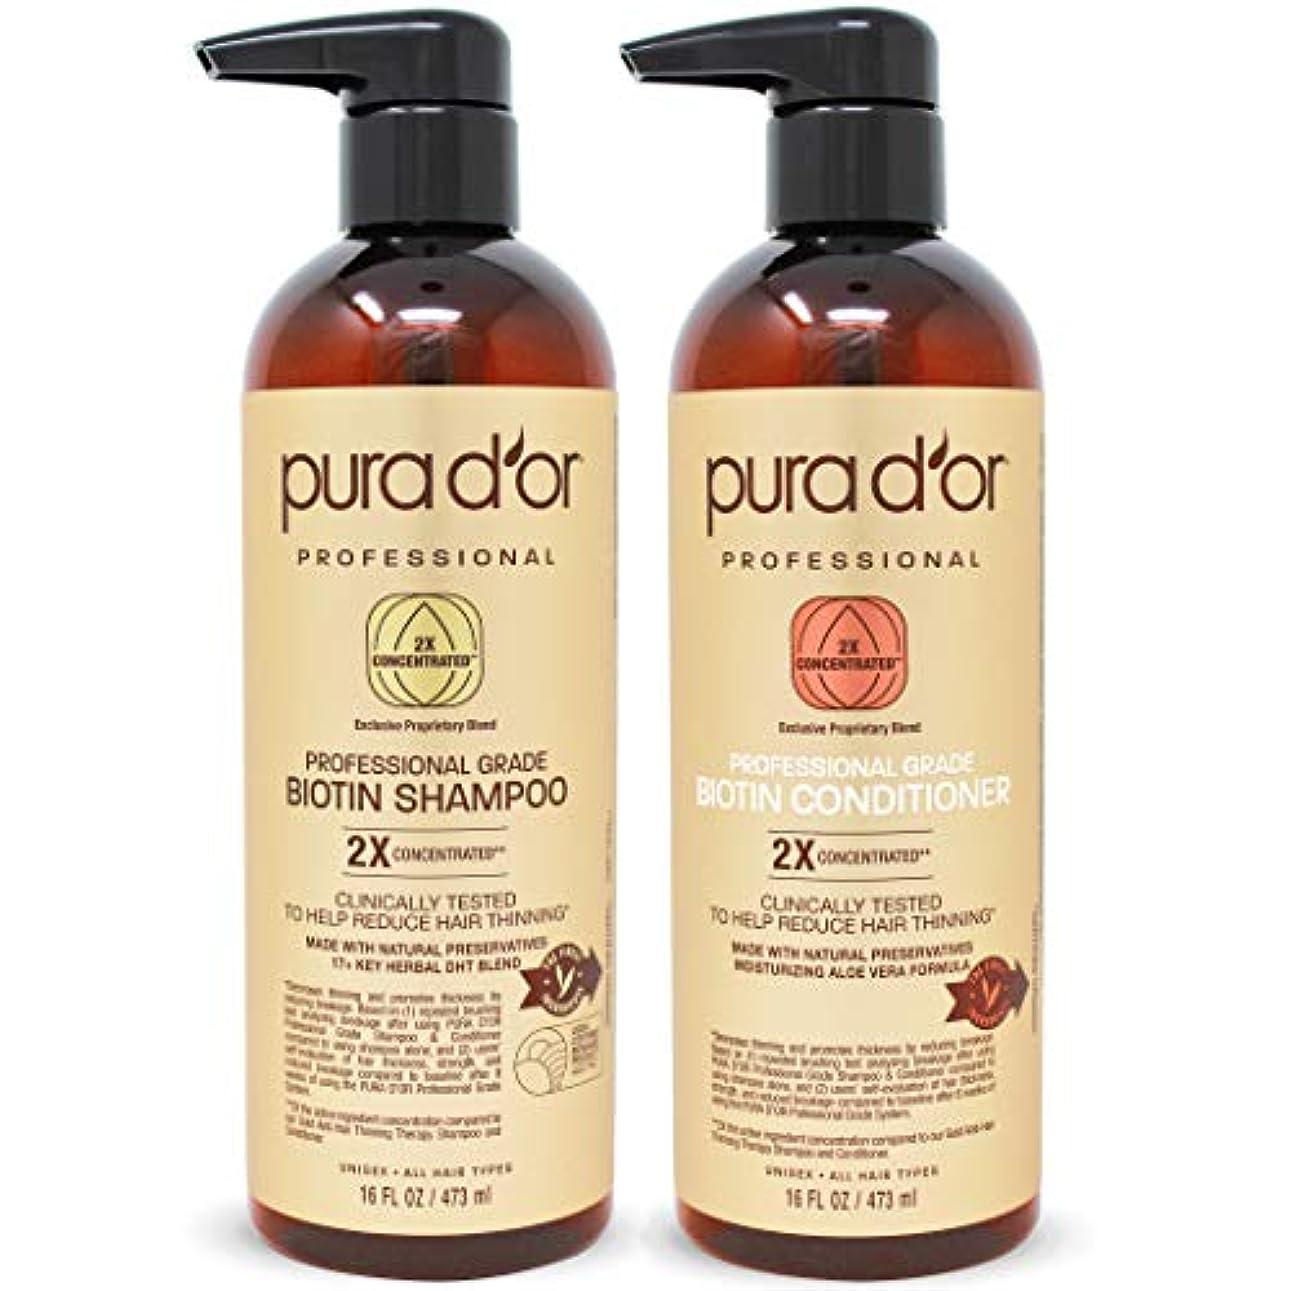 たっぷりケーブルカードナーPURA D'OR プロ仕様 薄毛予防 2倍濃縮成分 シャンプー&コンディショナー、硫酸系化合物不使用、天然原料、臨床検査済み、全ての髪タイプに、男性&女性用(パッケージは異なる場合があります) コンボ(シャンプー&コンディショナー)